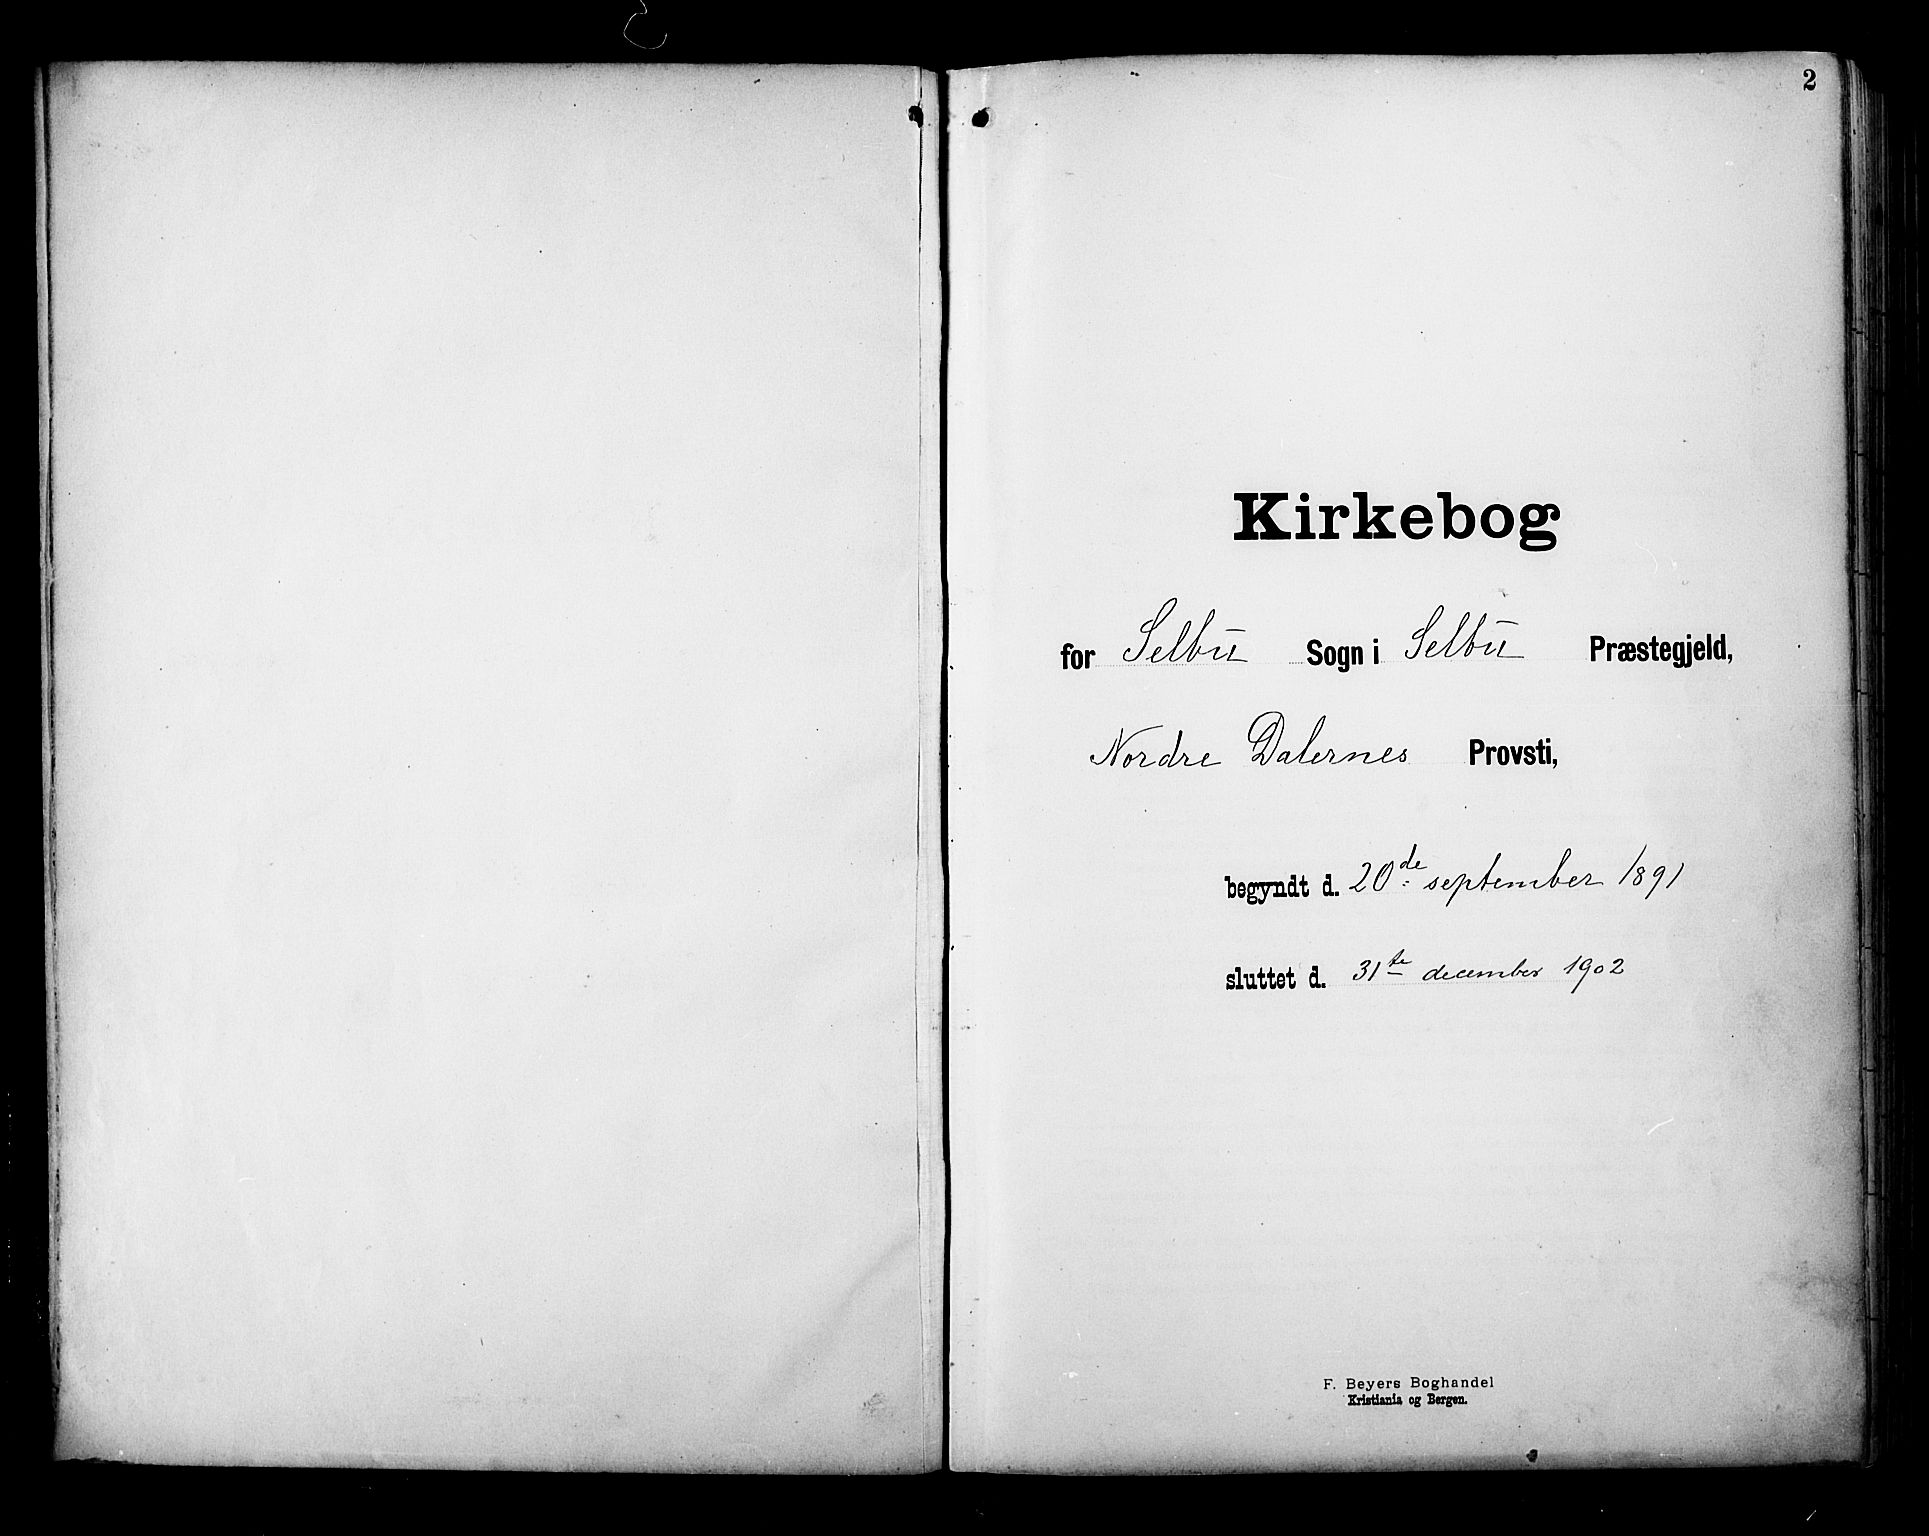 SAT, Ministerialprotokoller, klokkerbøker og fødselsregistre - Sør-Trøndelag, 695/L1149: Ministerialbok nr. 695A09, 1891-1902, s. 2